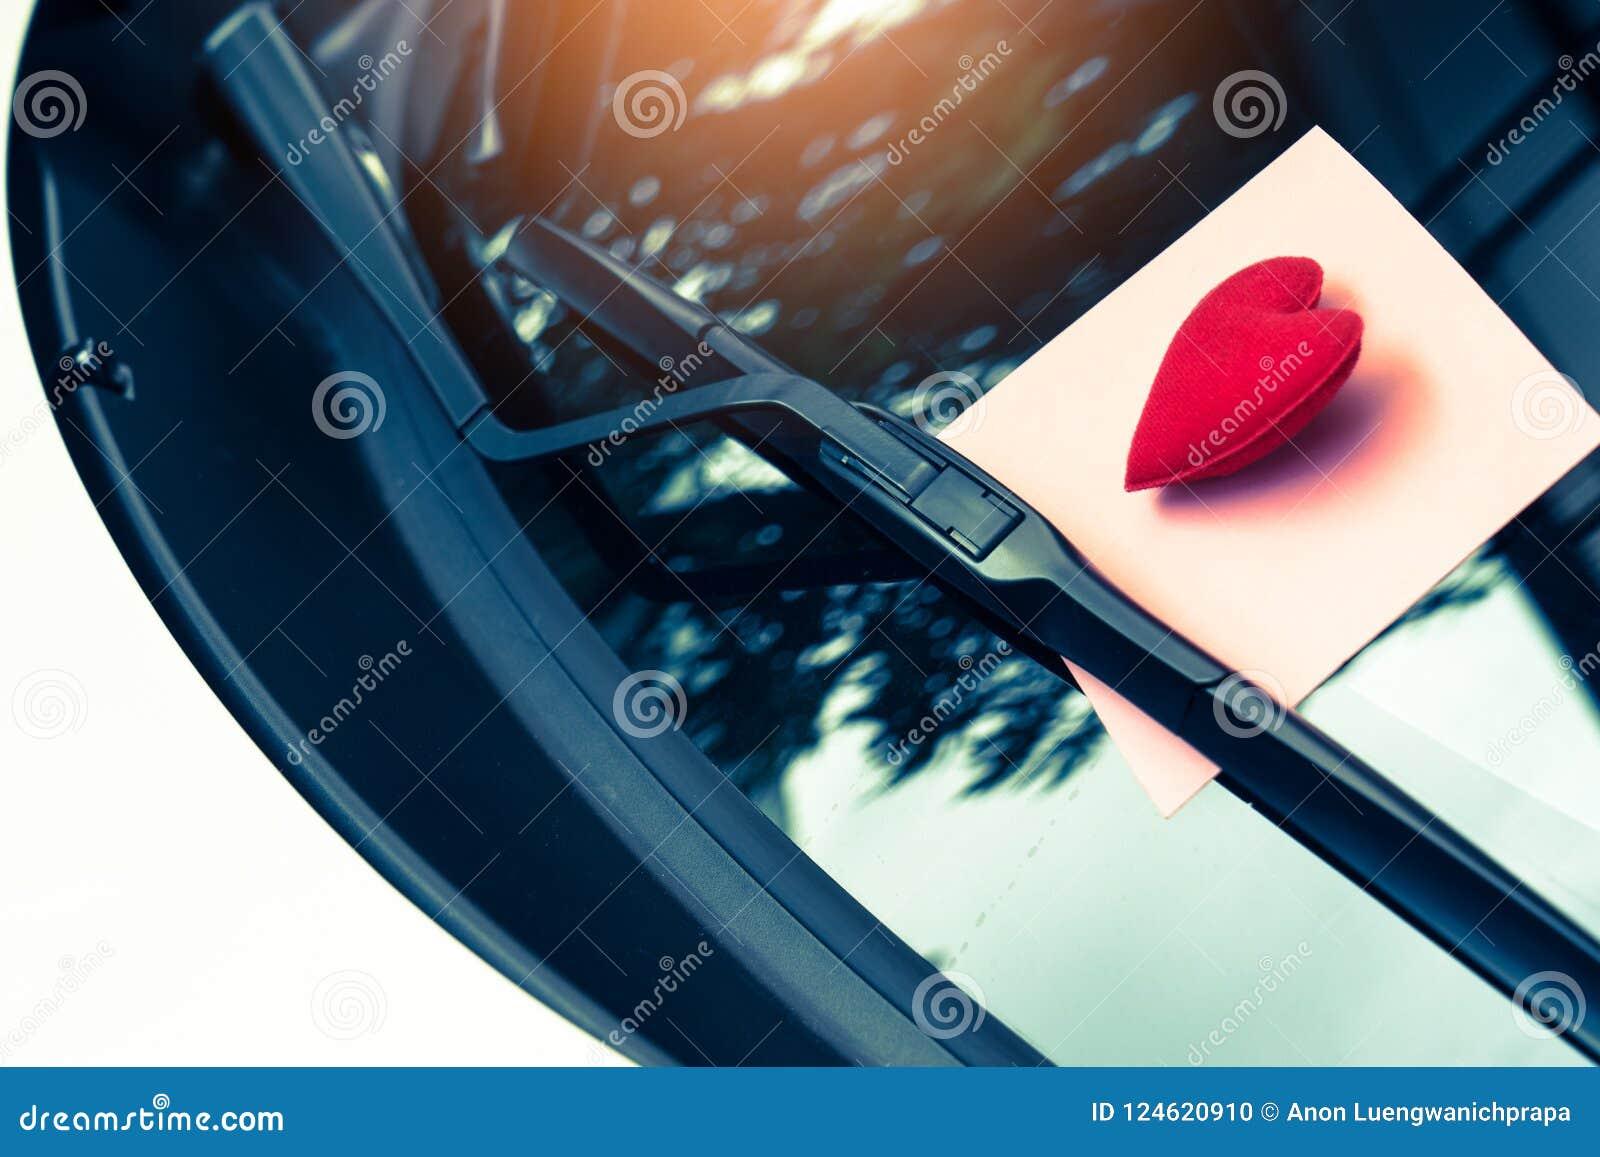 Listu miłosnego serce na kleistej notatce pod przednią szybą Rocznik